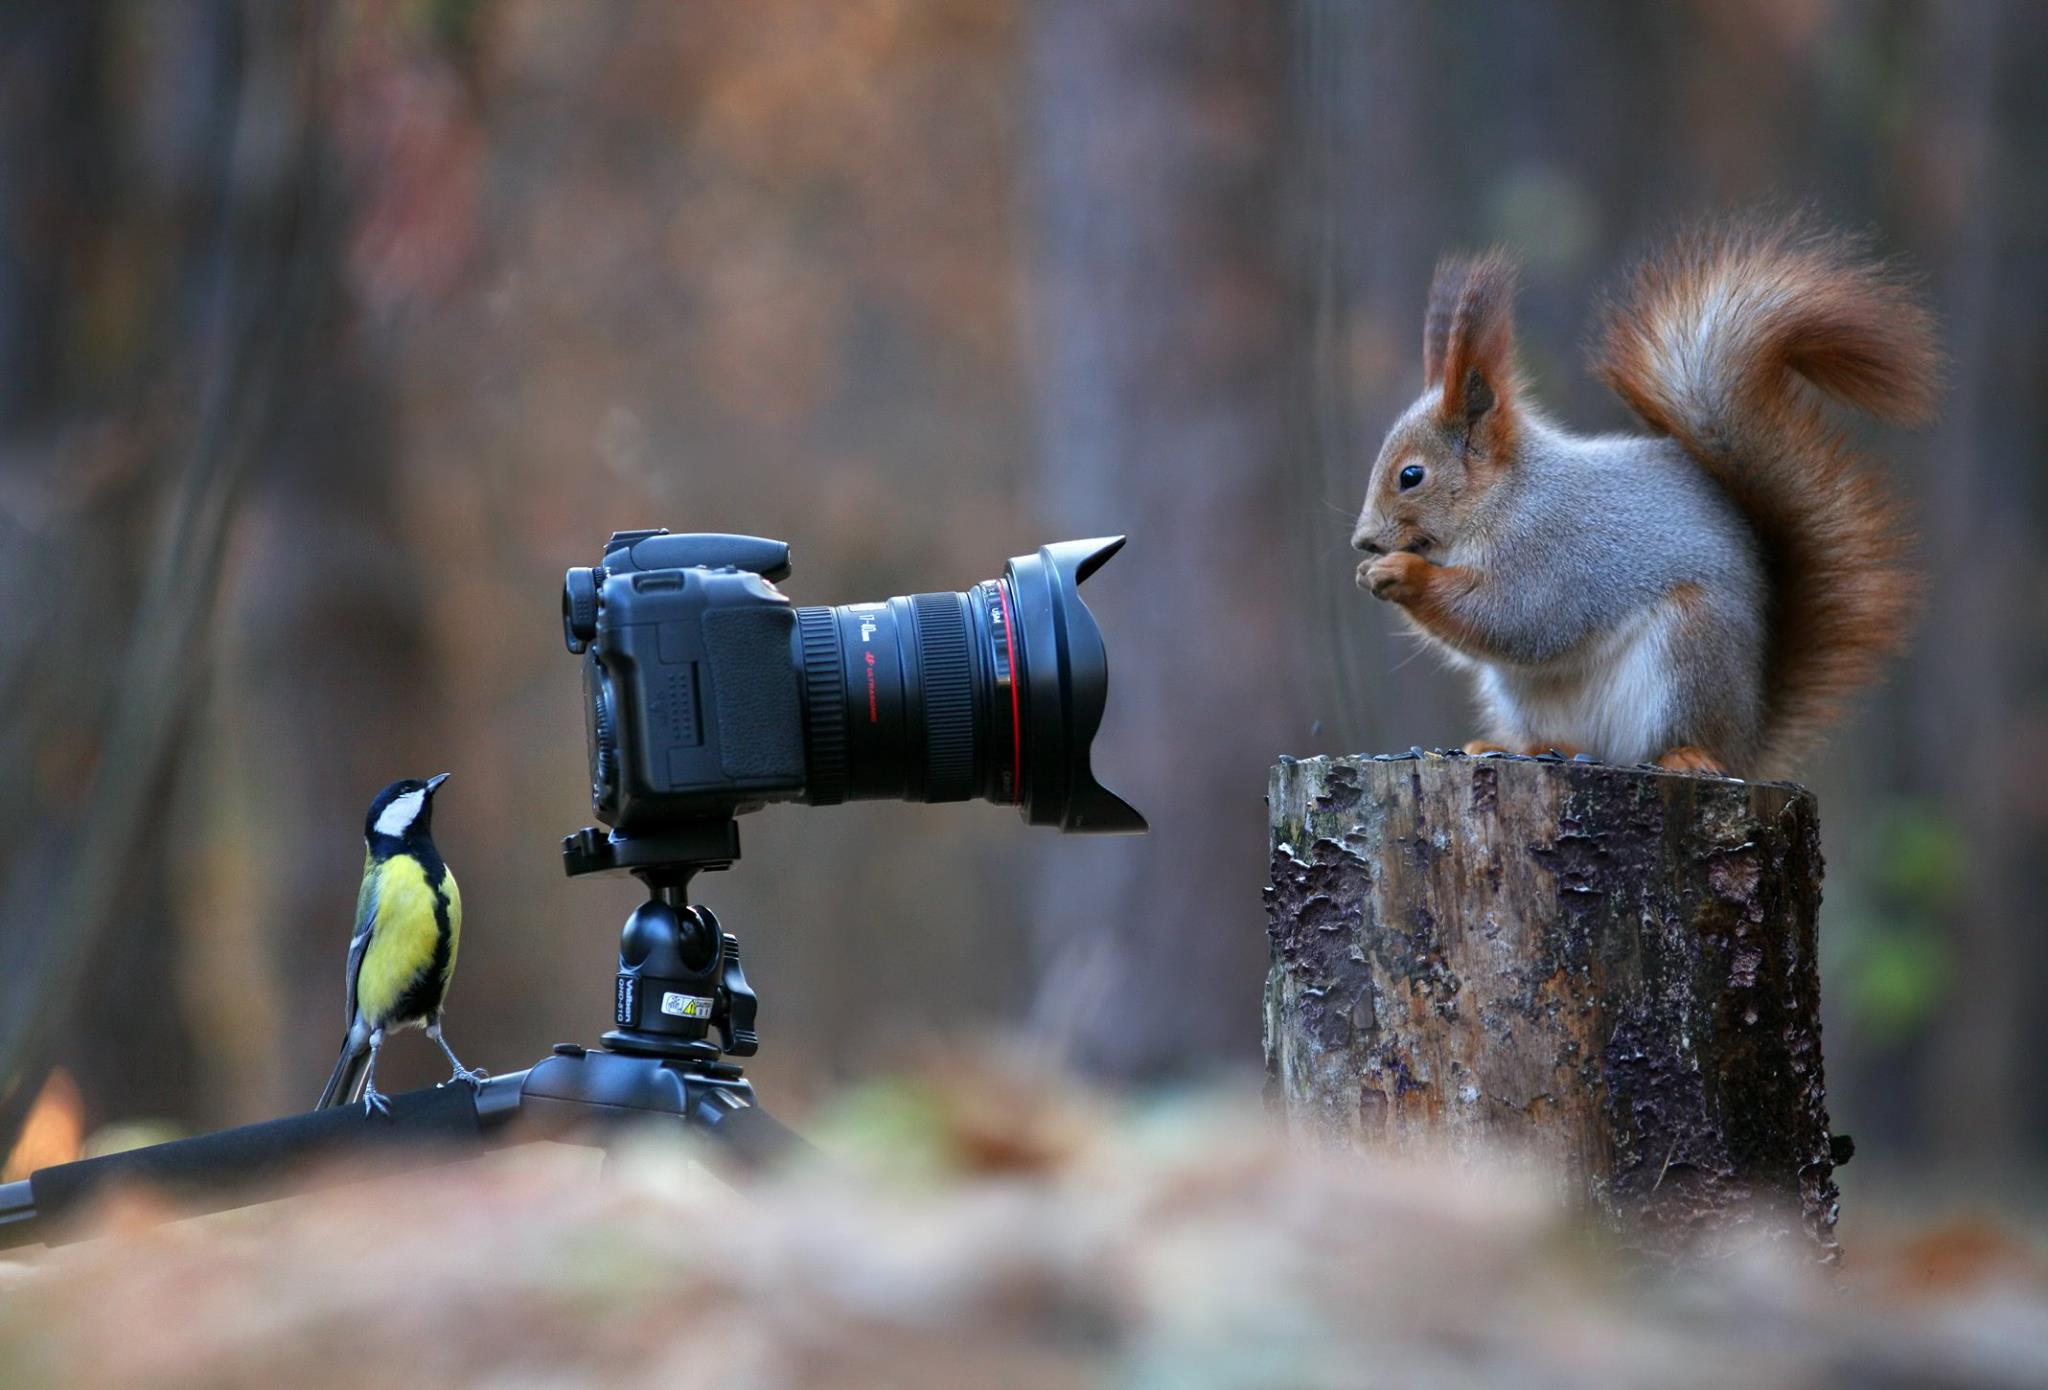 данные это взгляд на птиц глазами фотографа трудность